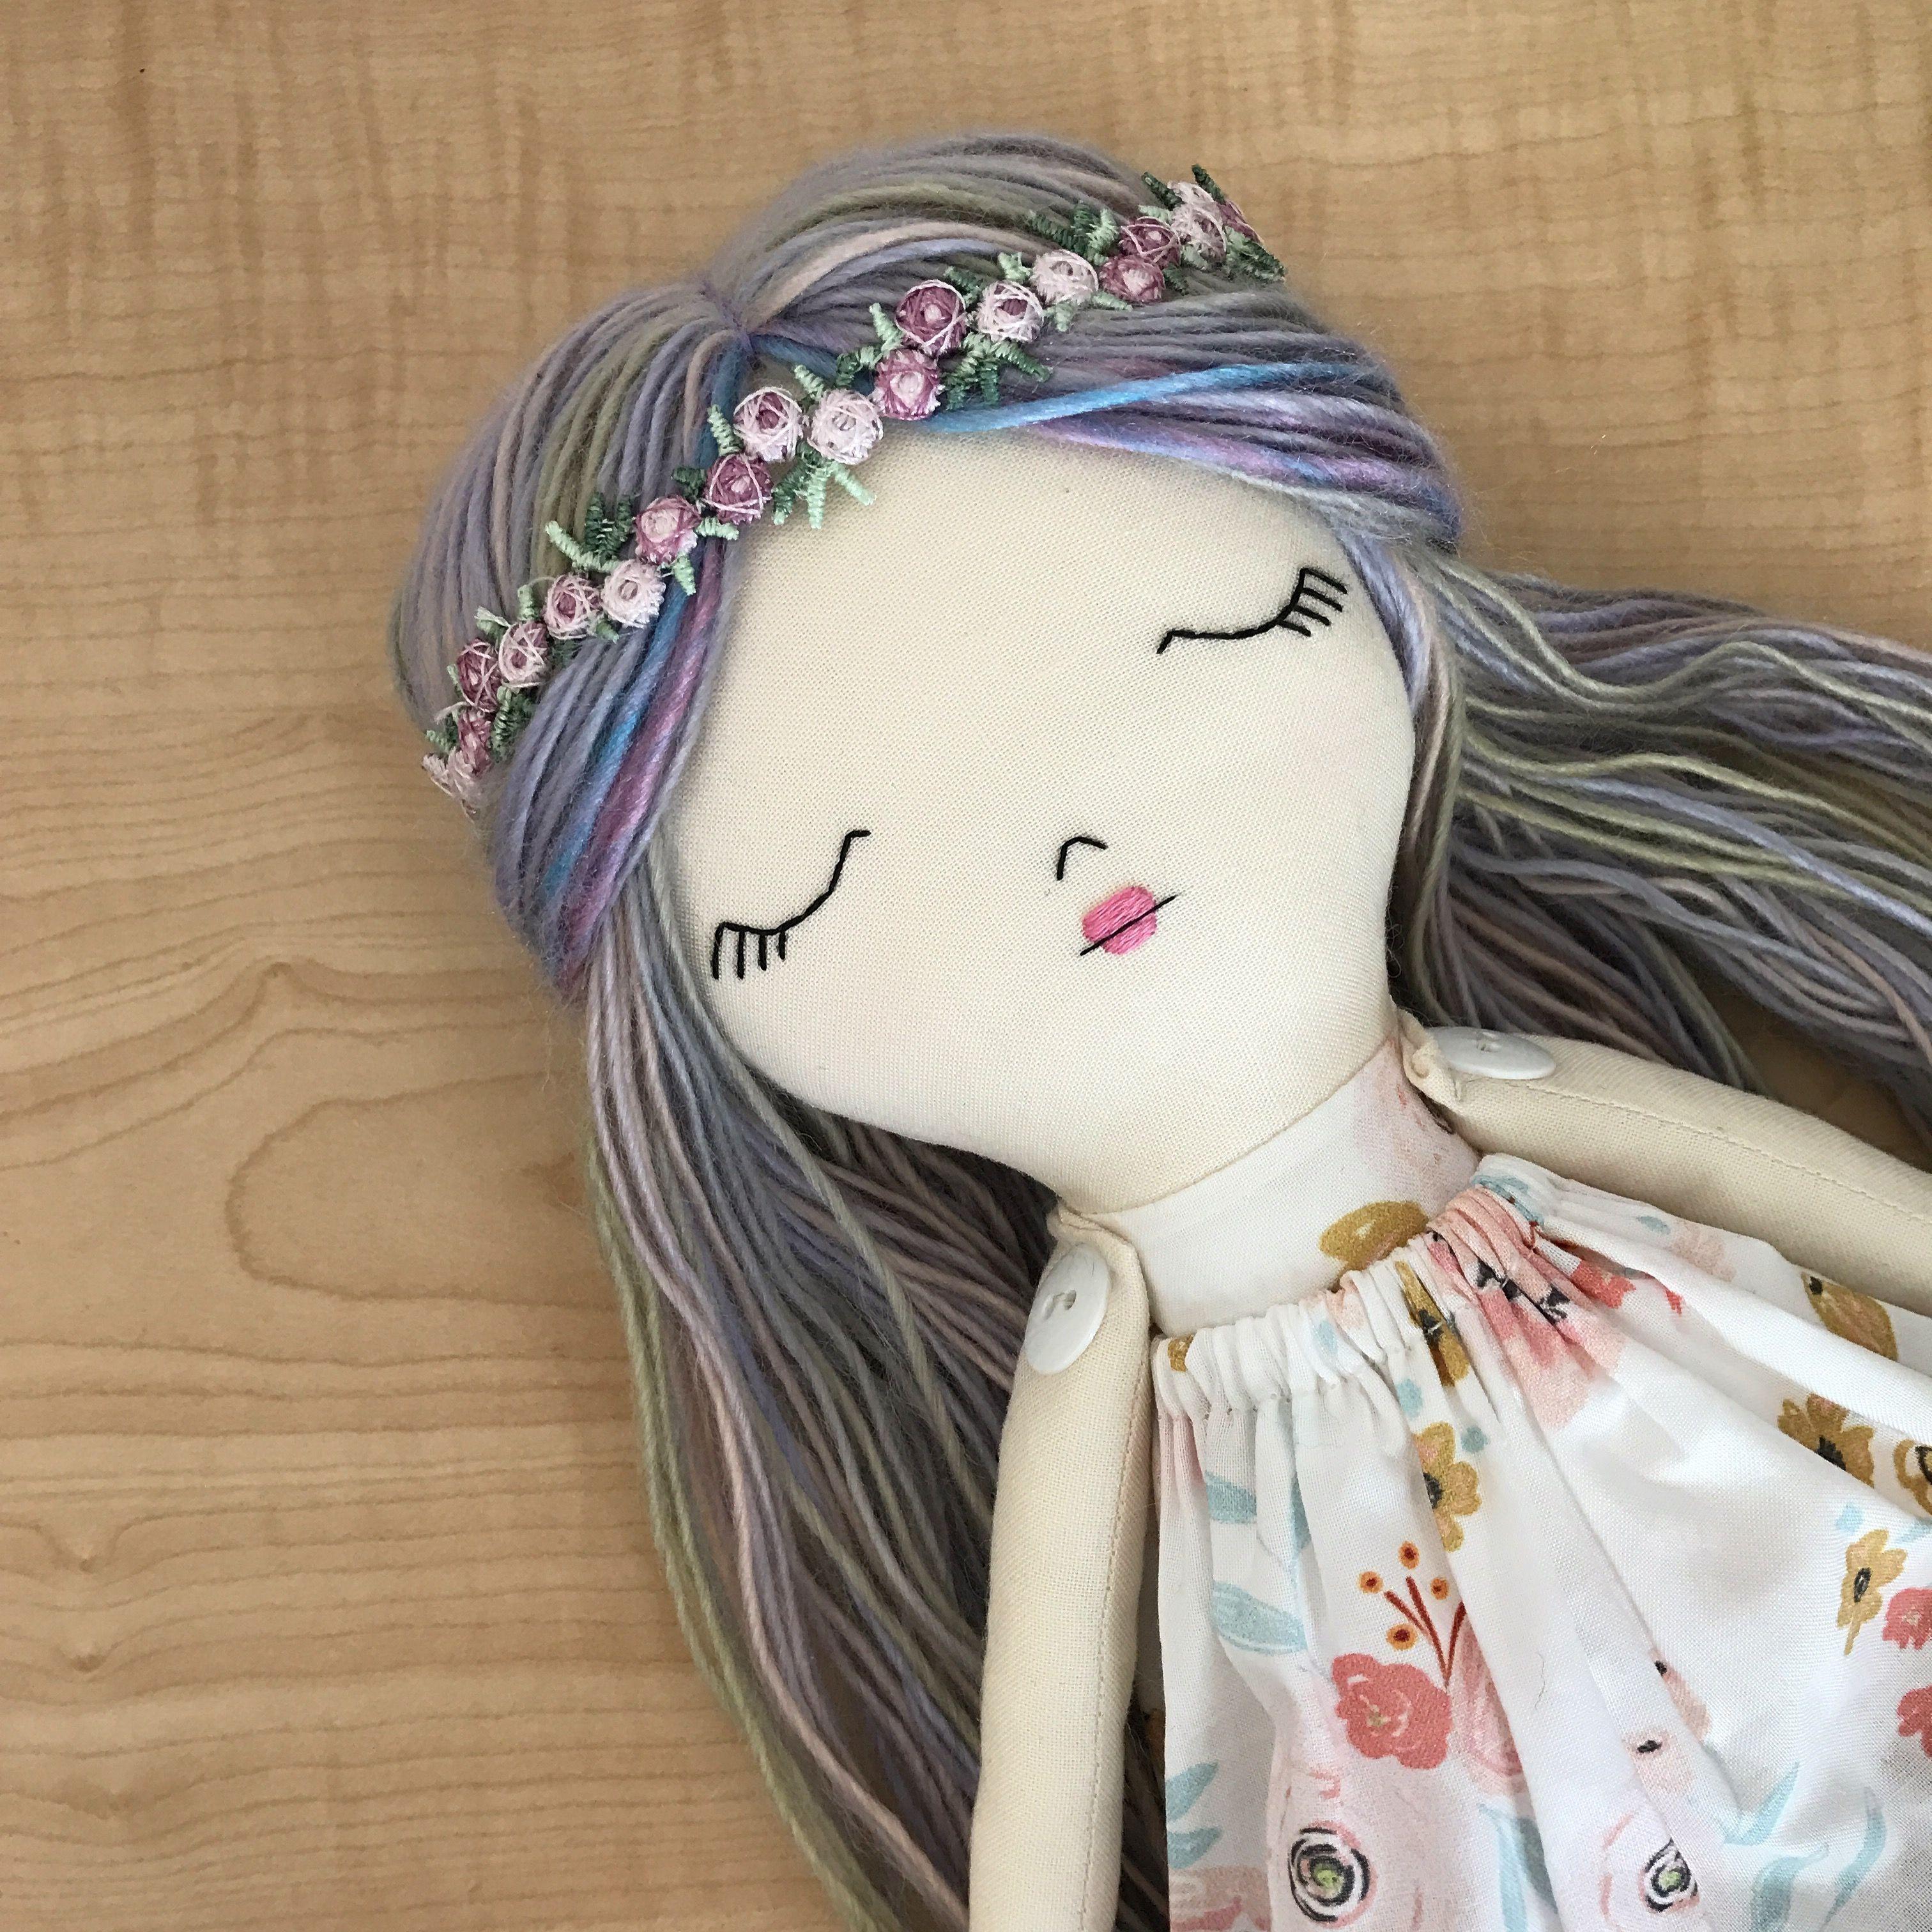 Pin von Little Wildwood Dolls auf Little Wildwood Dolls | Pinterest ...